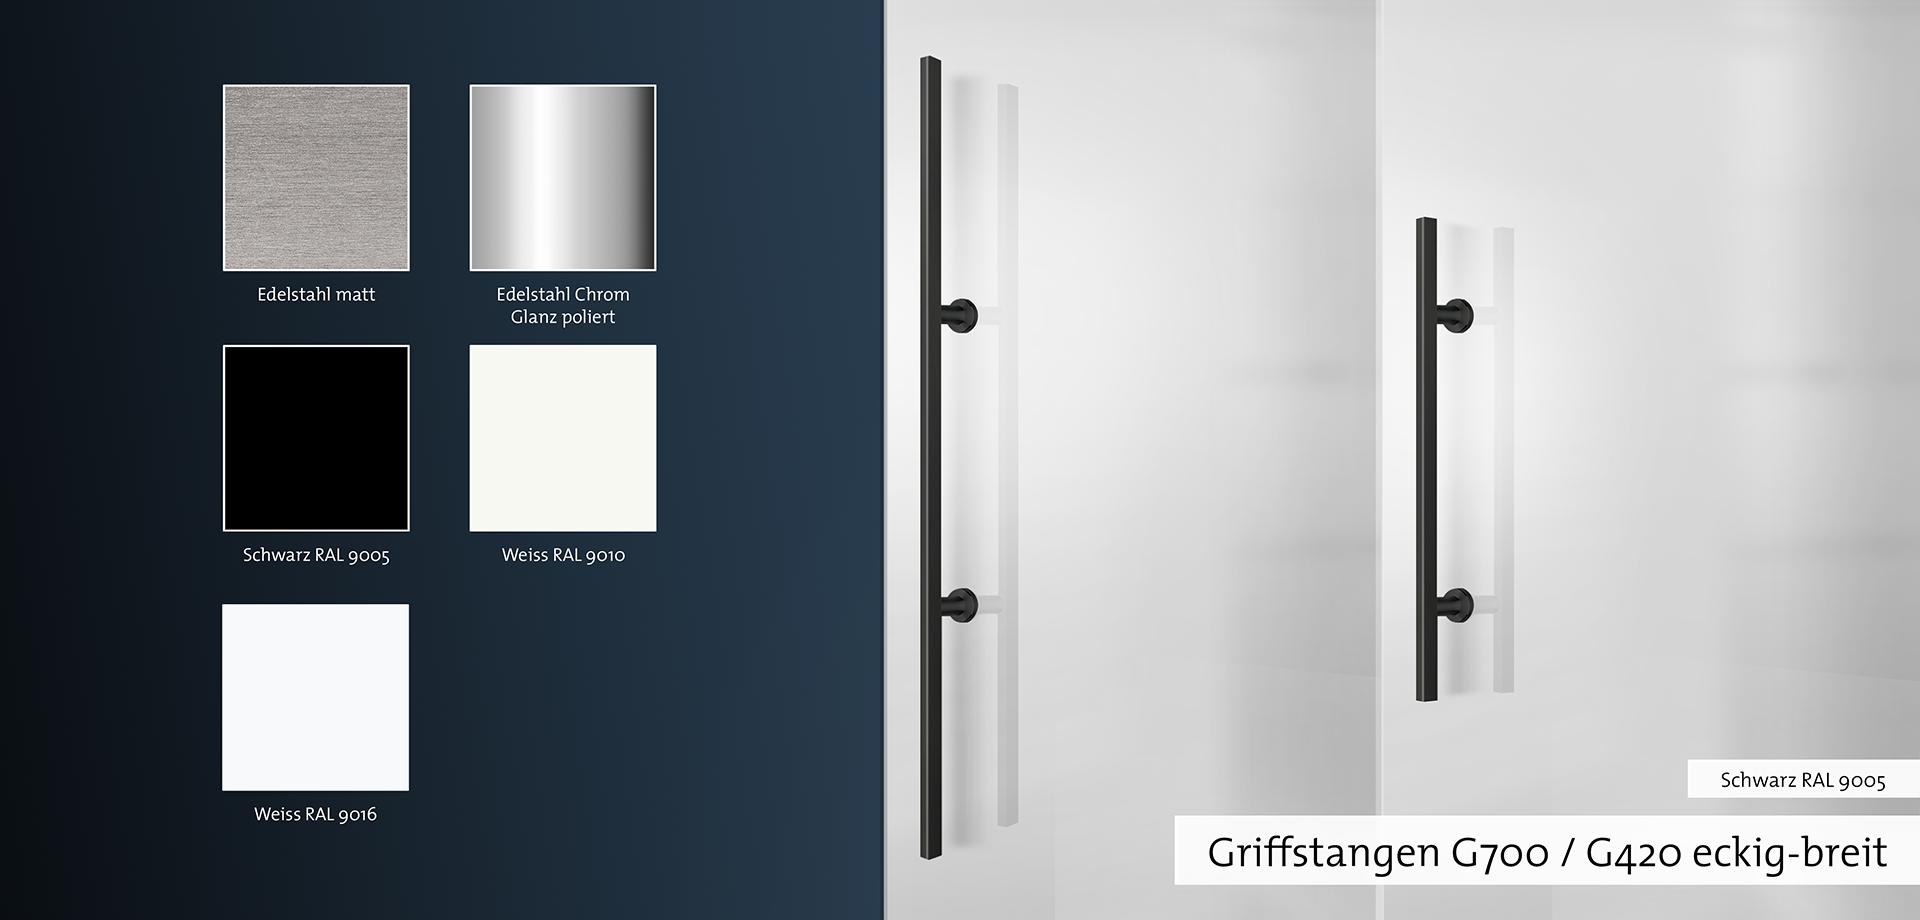 Griffstangen G700 / G420 eckig-breit